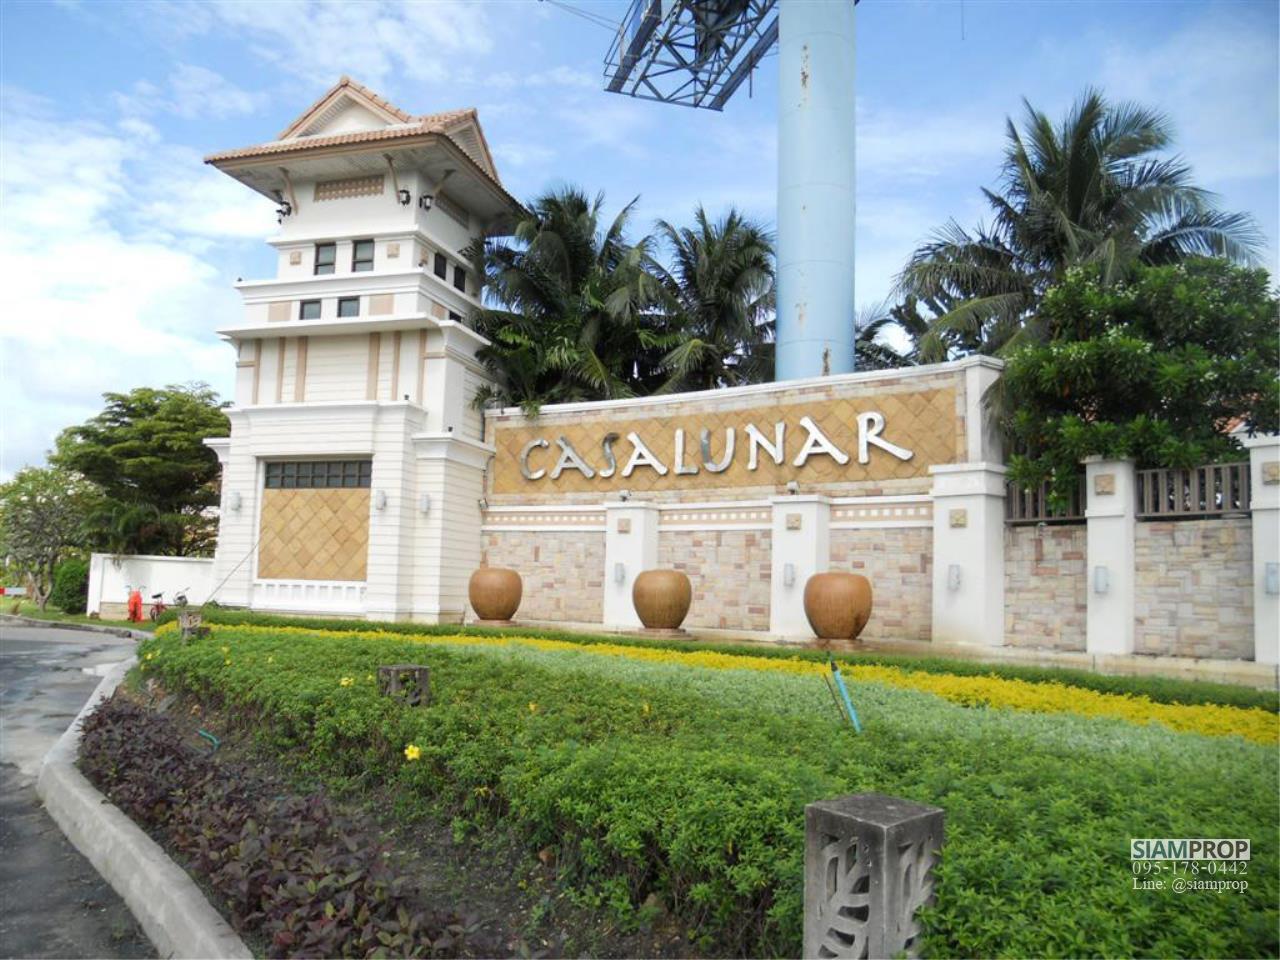 Siam Prop Agency's For Sale - Casalunar House  1